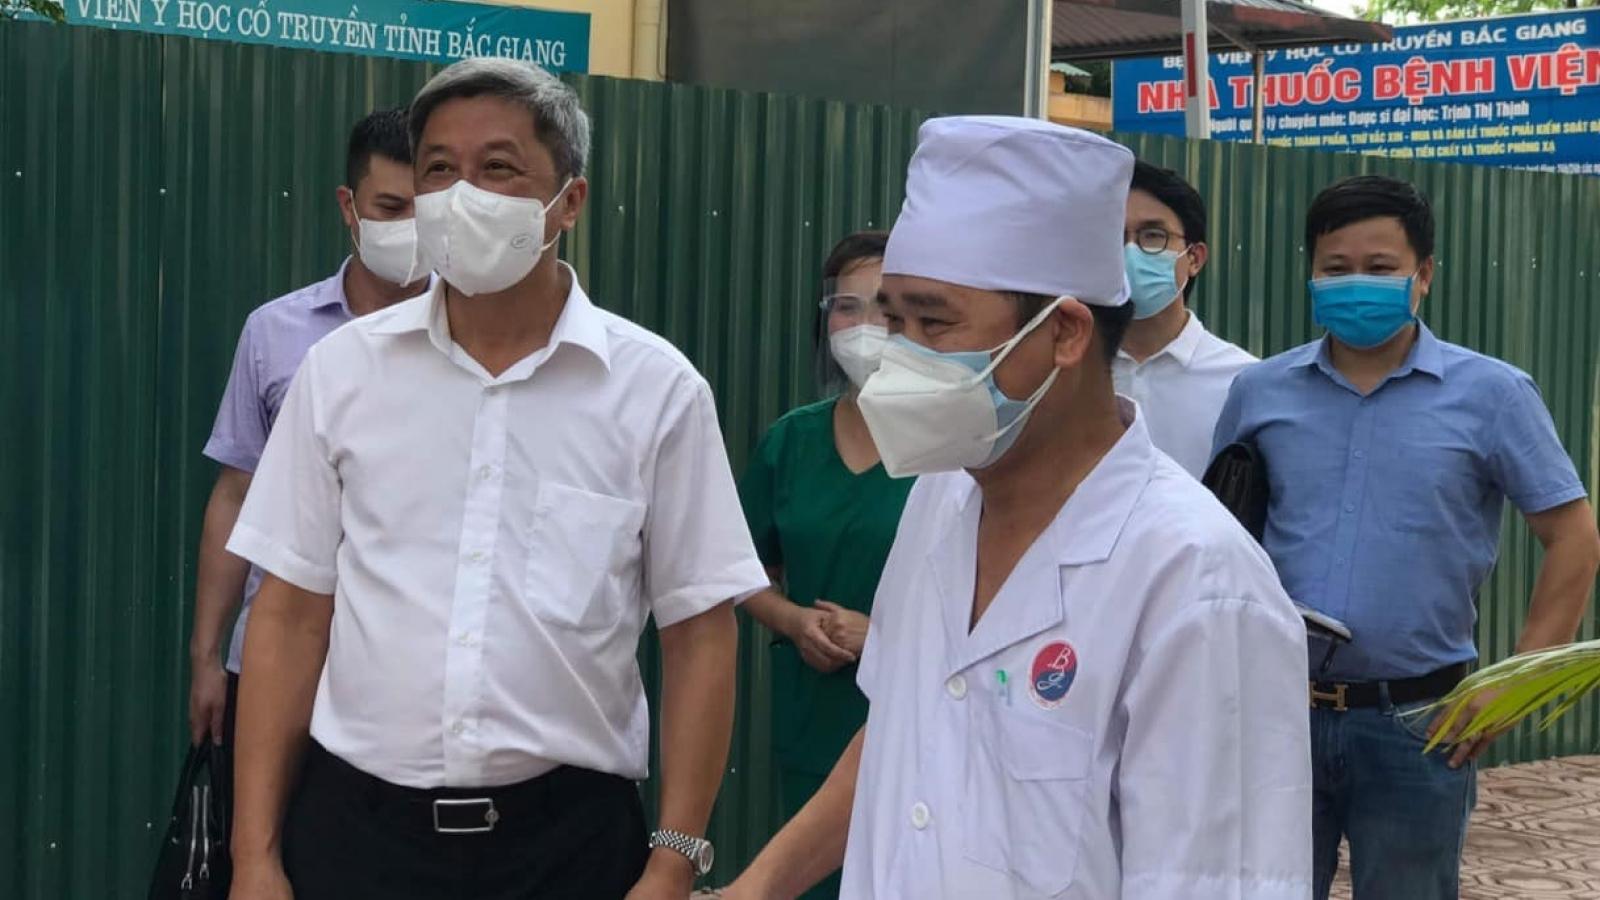 Bắc Giang dự kiến hoàn thành tiêm 150.000 liều vaccine trong ngày 5/6